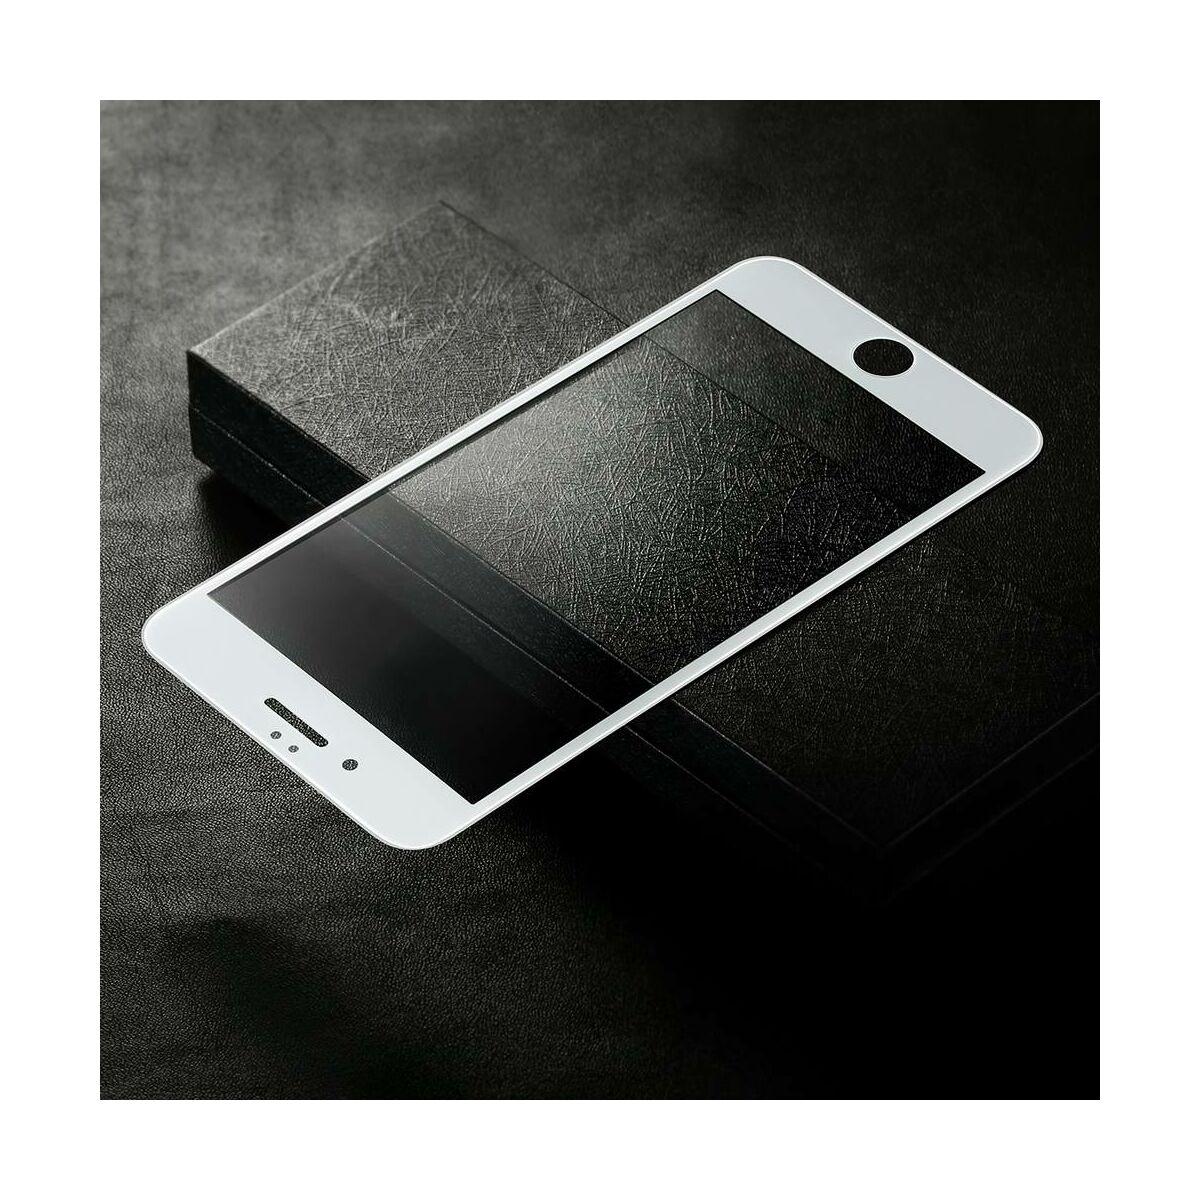 Baseus iPhone 6/6s Plus 0.3 mm, teljes felületre edzett üveg kijelzővédő fólia, fehér (SGAPIPH6SP-B3D02)